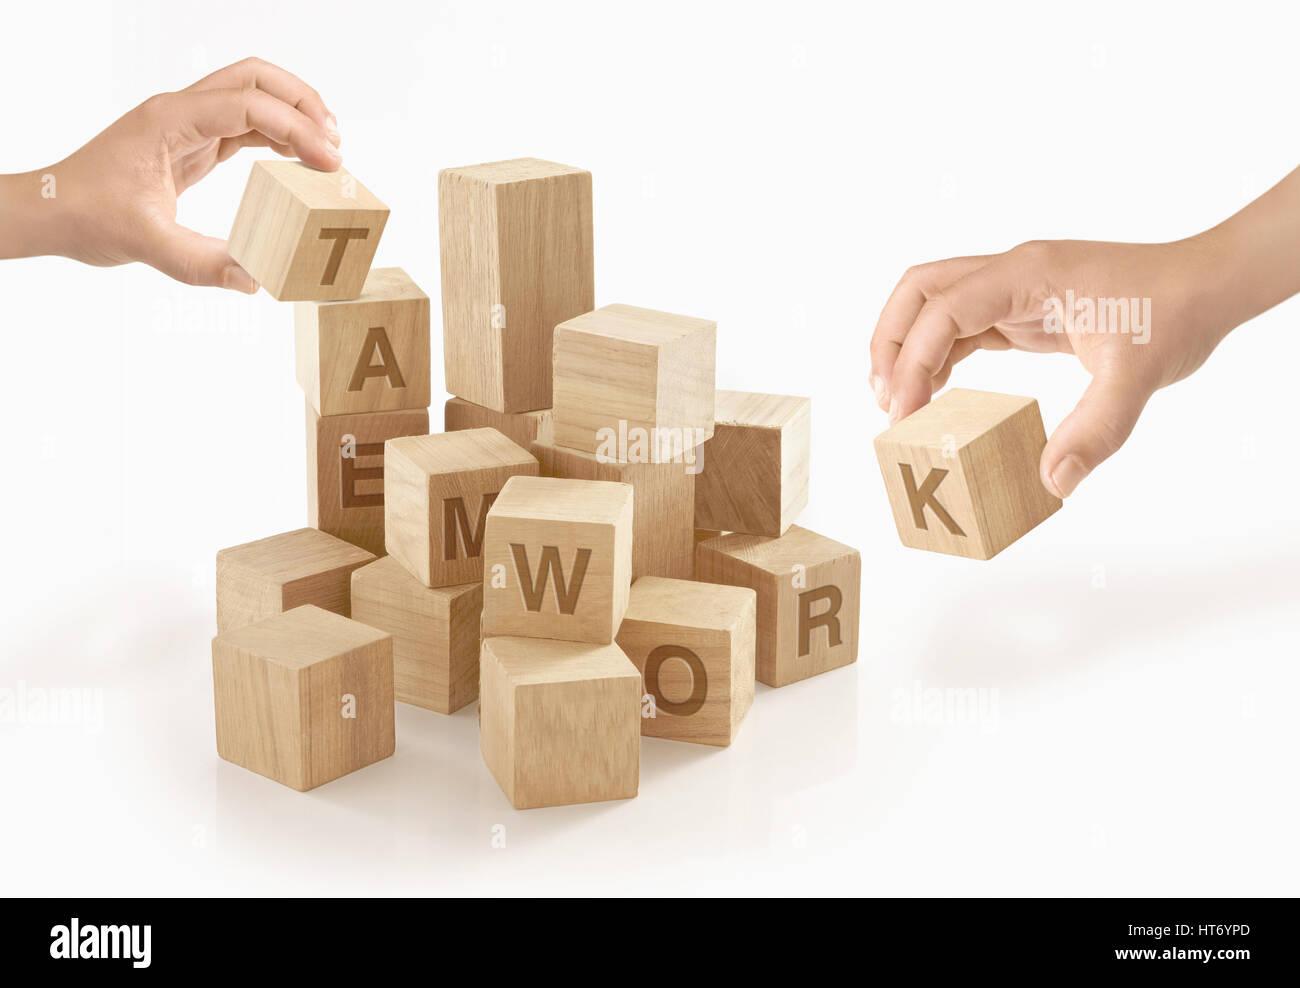 Teamarbeit & Zusammenarbeit Konzept auf isolierte Hintergrund. Stockbild